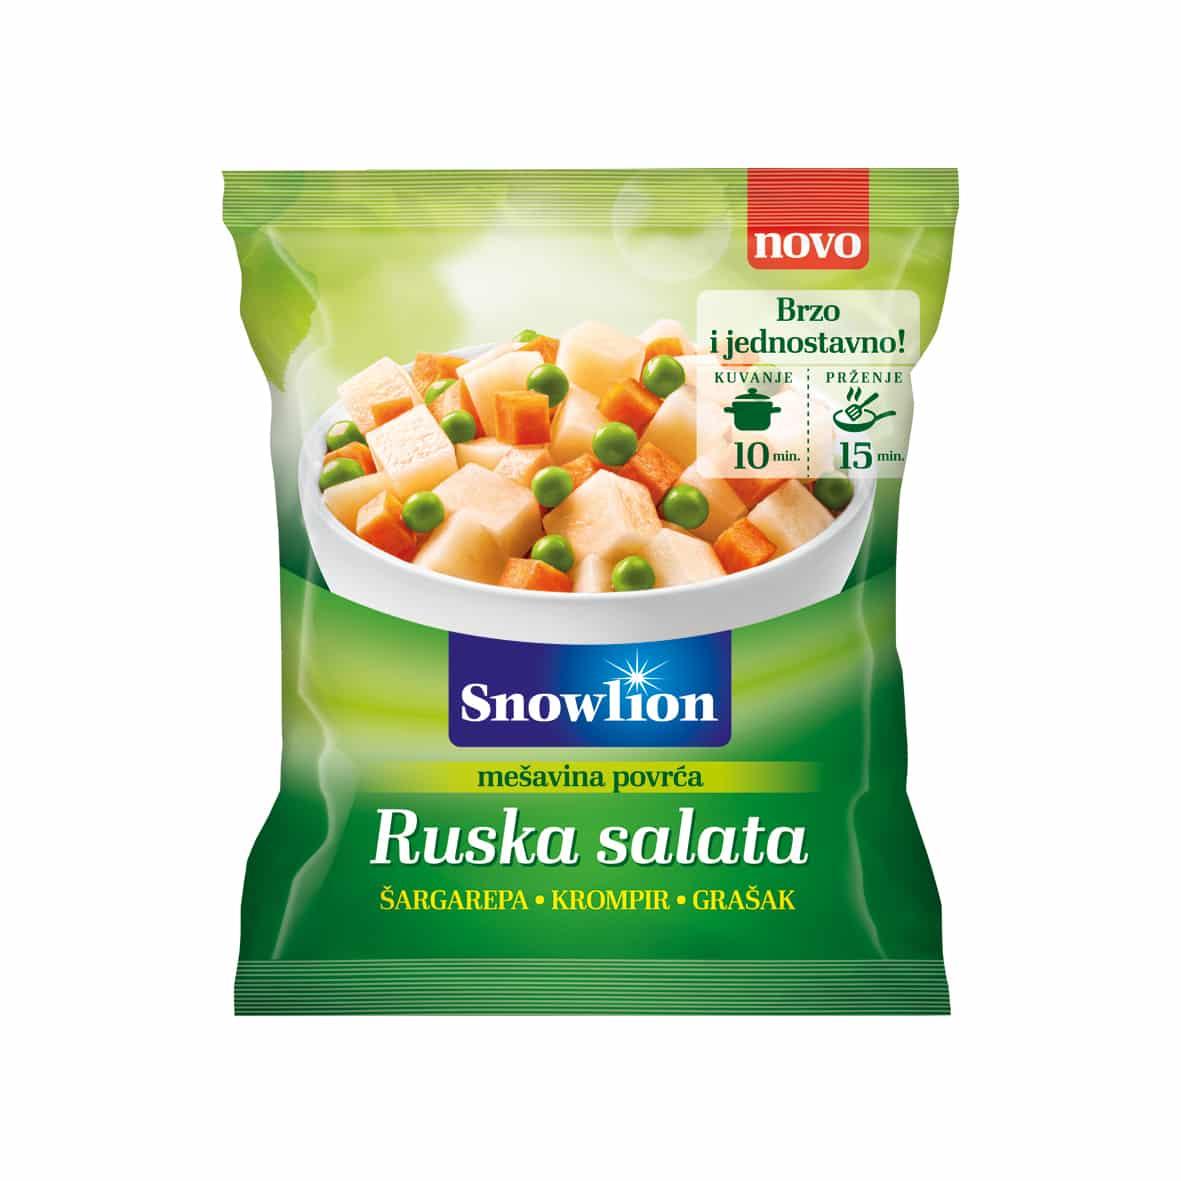 Mešavina povrća za rusku salatu 450g